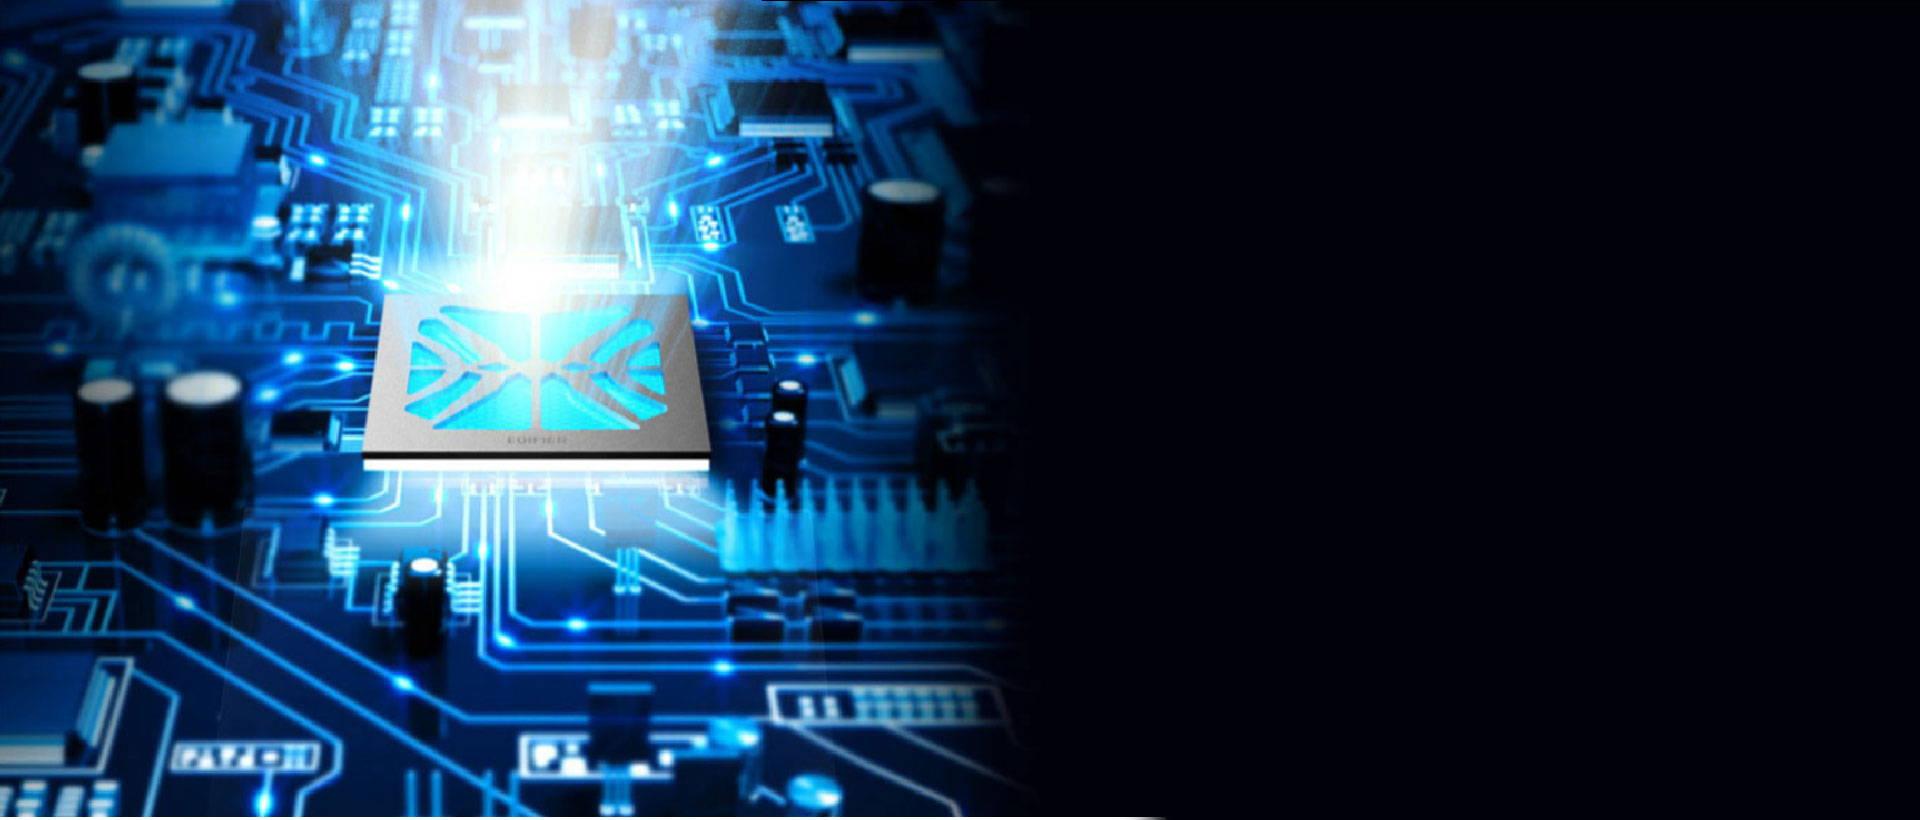 Edifier x230 multimedia gaming speakers in pakistan by www.brandtech.pk 5